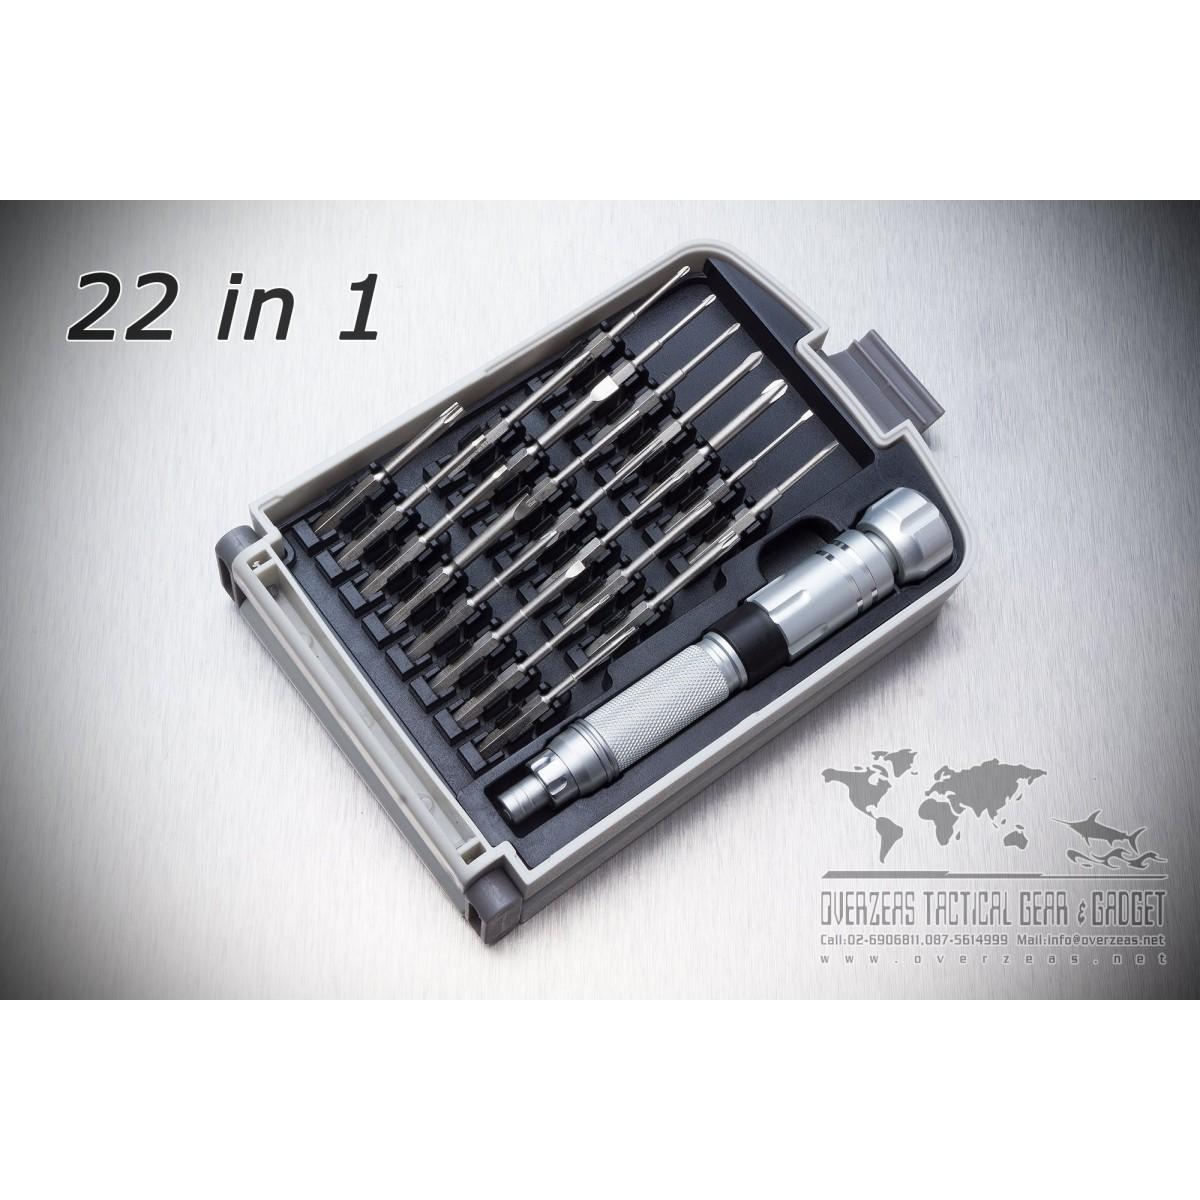 ชุดไขควงคุณภาพสูงสำหรับถอดประกอบมีด หรือ D.I.Y เซต 22-in-1